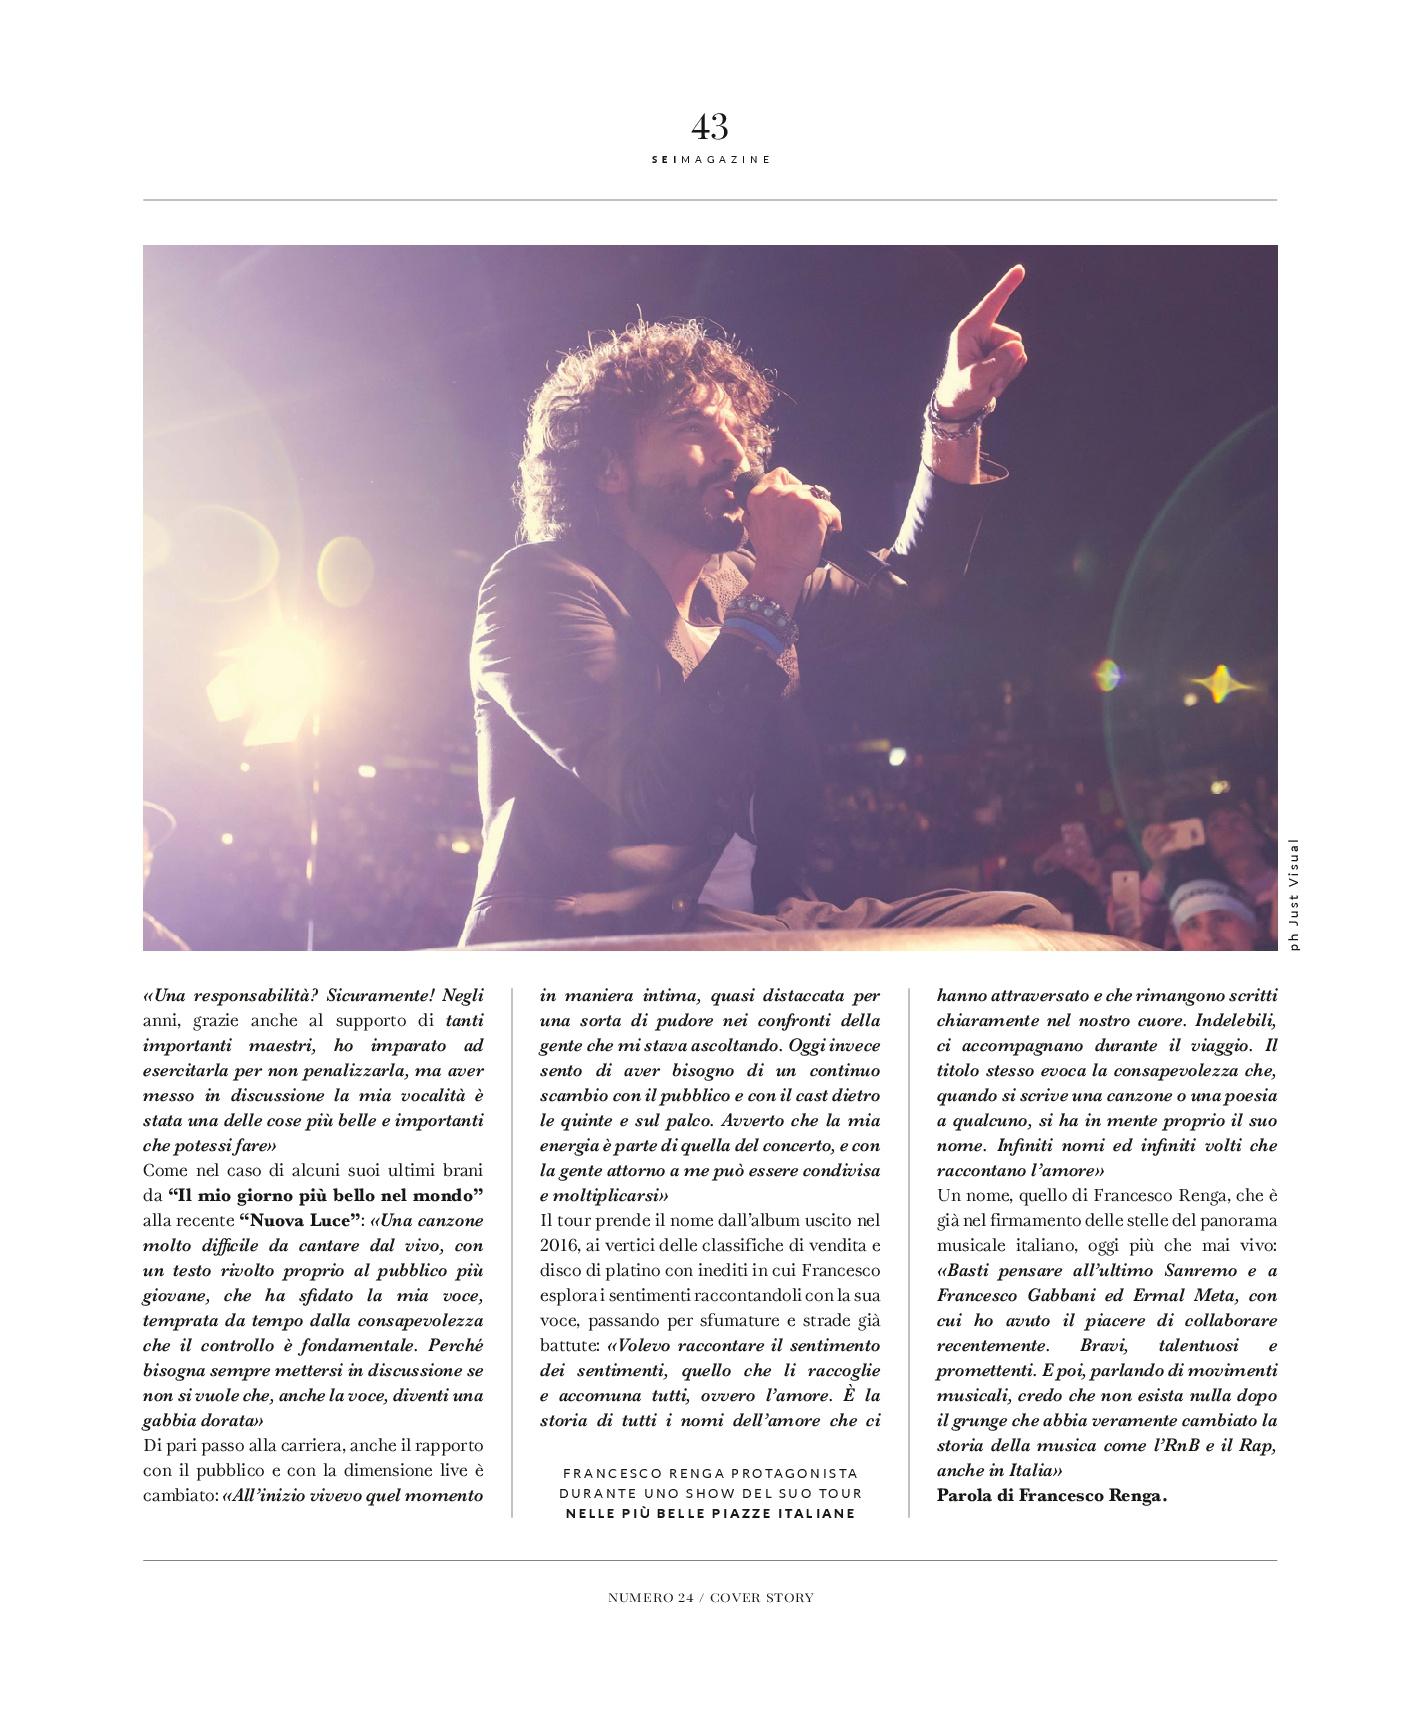 intervista a Francesco Renga sei magazine cover story scriverò il tuo nome tour ilaria rebecchi